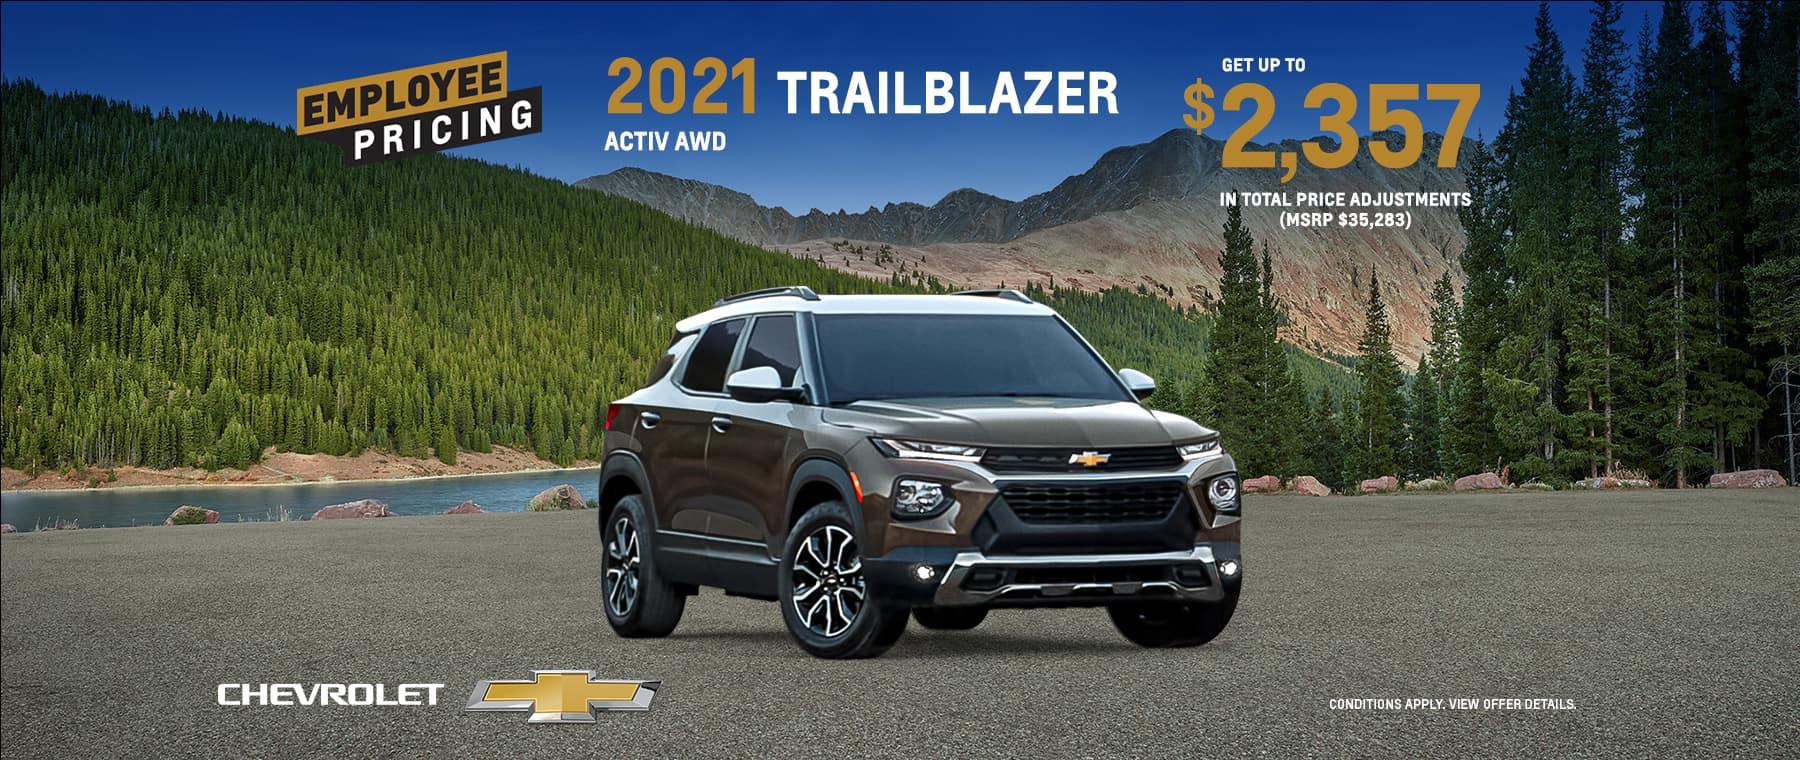 2021_MAY_WST_Chevy_T3_EN_1800x760_CAR-SUV_TRAILBLAZER